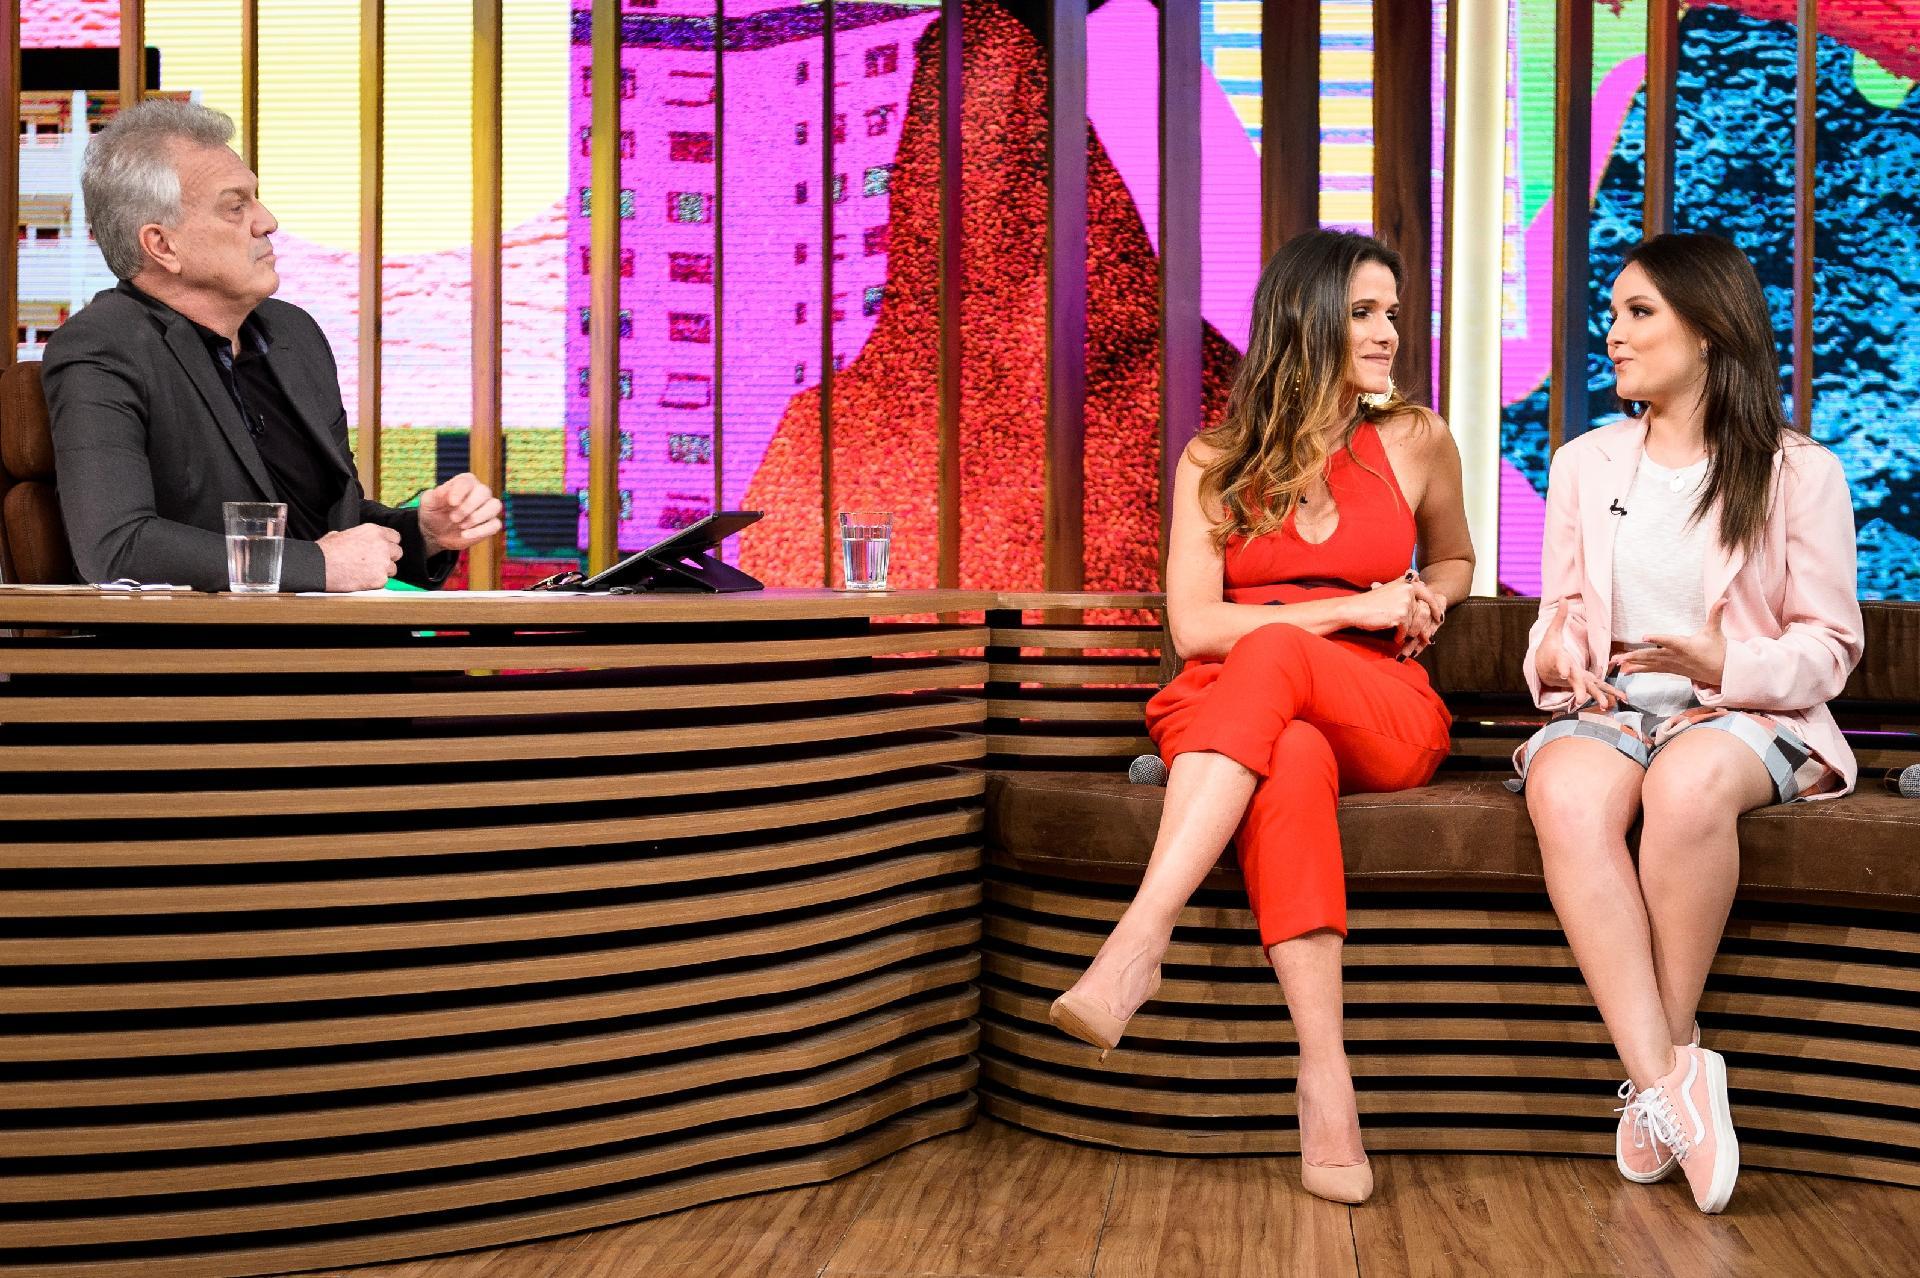 Liberada pelo SBT, Larissa Manoela vai à Globo divulgar filme no